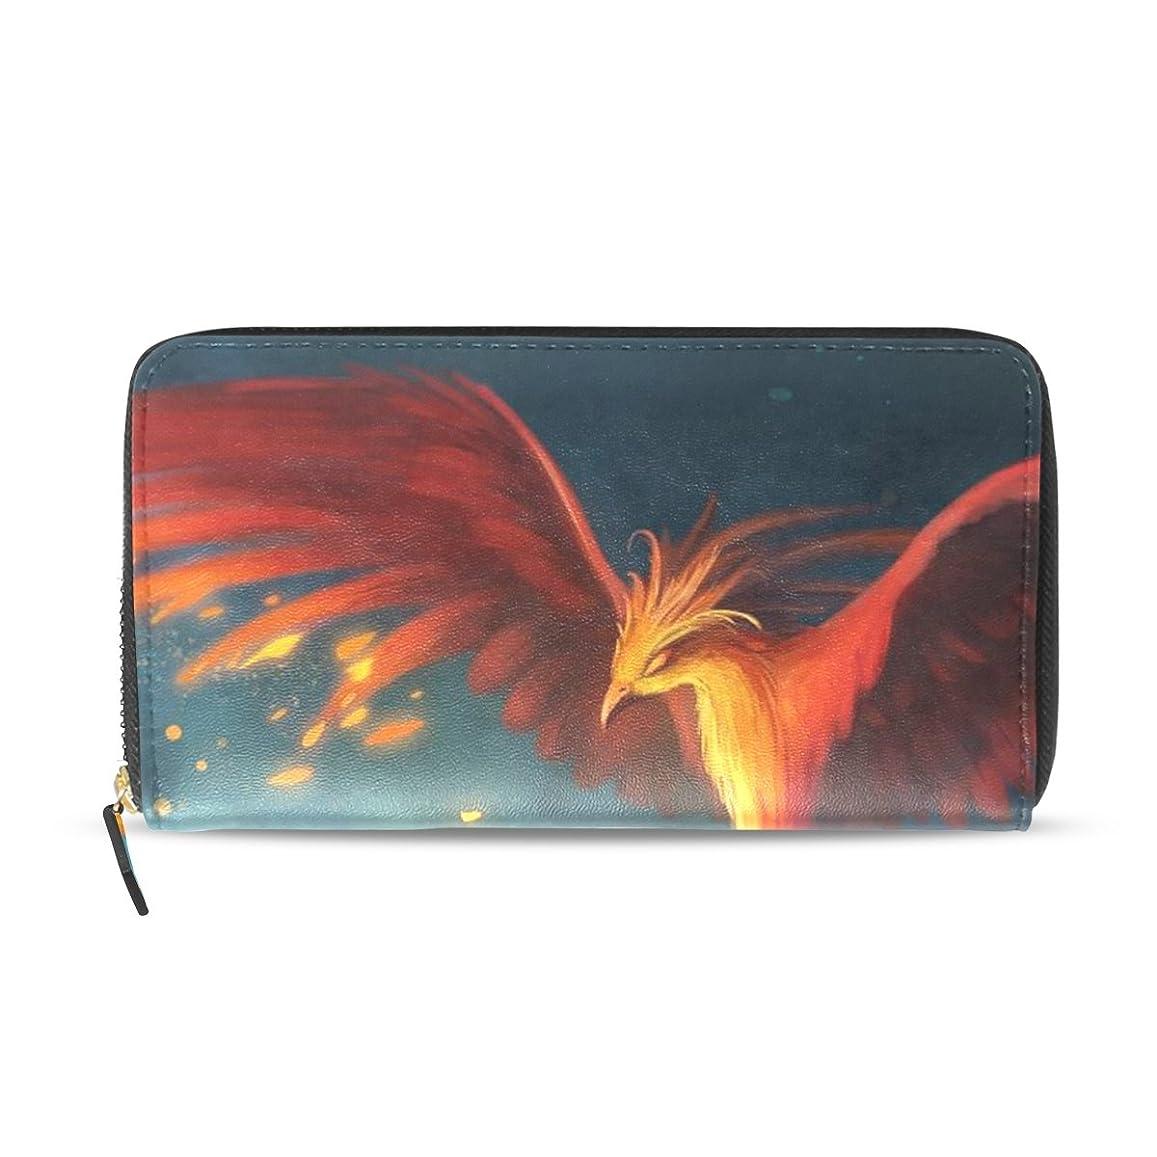 メンタリティ寝室を掃除する効率レディース鳥アートフェニックスパターン長い財布&財布ケースカードホルダー